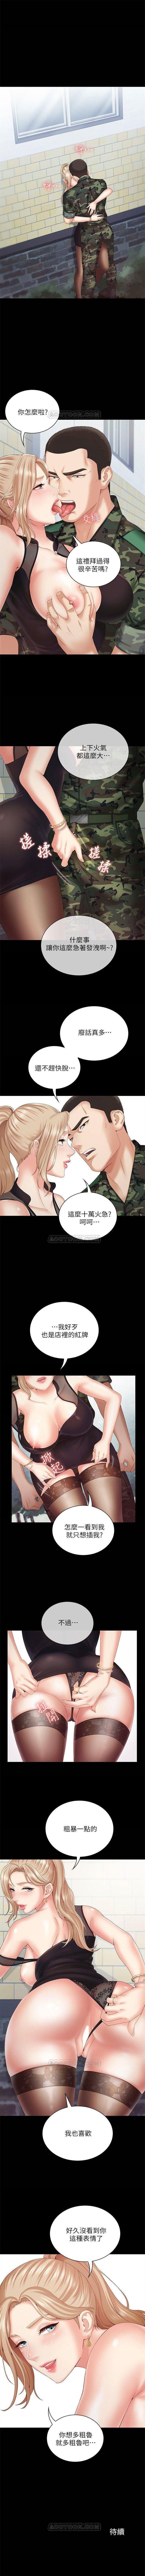 (周6)妹妹的义务 1-13 中文翻译(更新中) 70